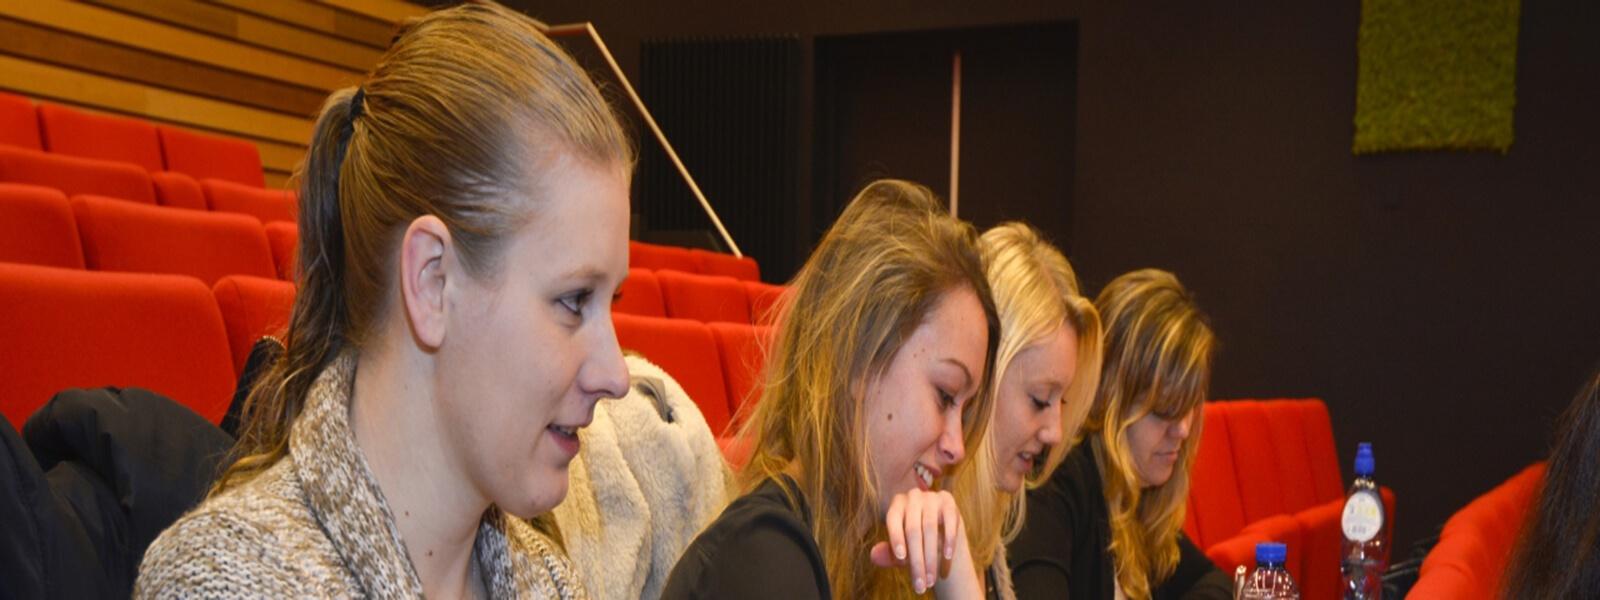 bachelor-leisure and events management-studyinholland-universitiesofappliedsciences-stenden-holland-leeuwarden